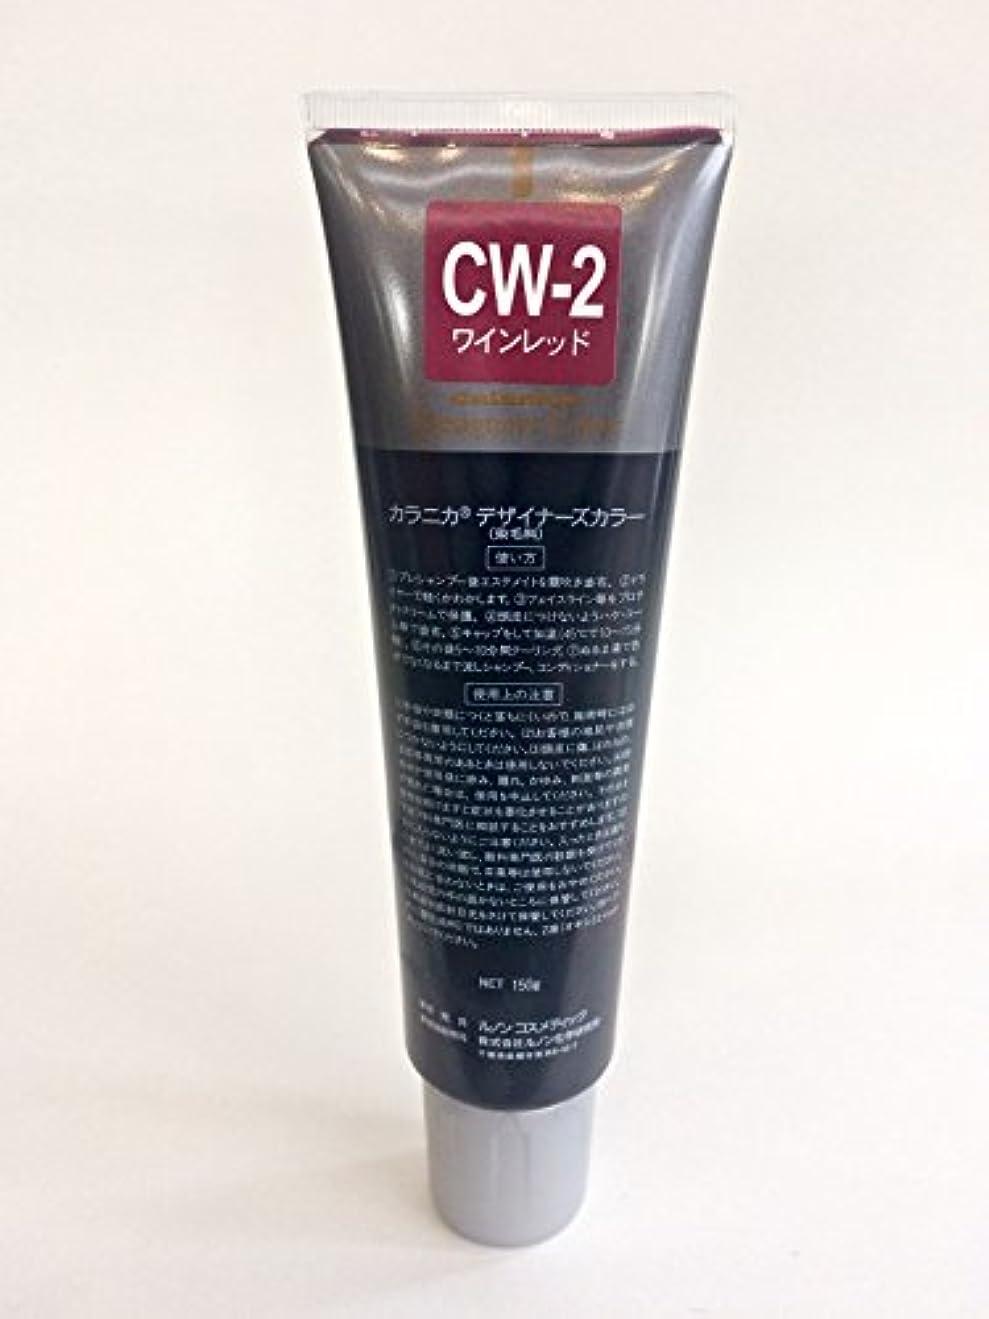 ロッカークリーク日の出日本製!酸性タイプ(マニュキュア) デザイナーズカラー 発色性に優れ、ツヤ?感触が良く、色落ちがしにくいカラー剤? (CW-2ワインレッド)